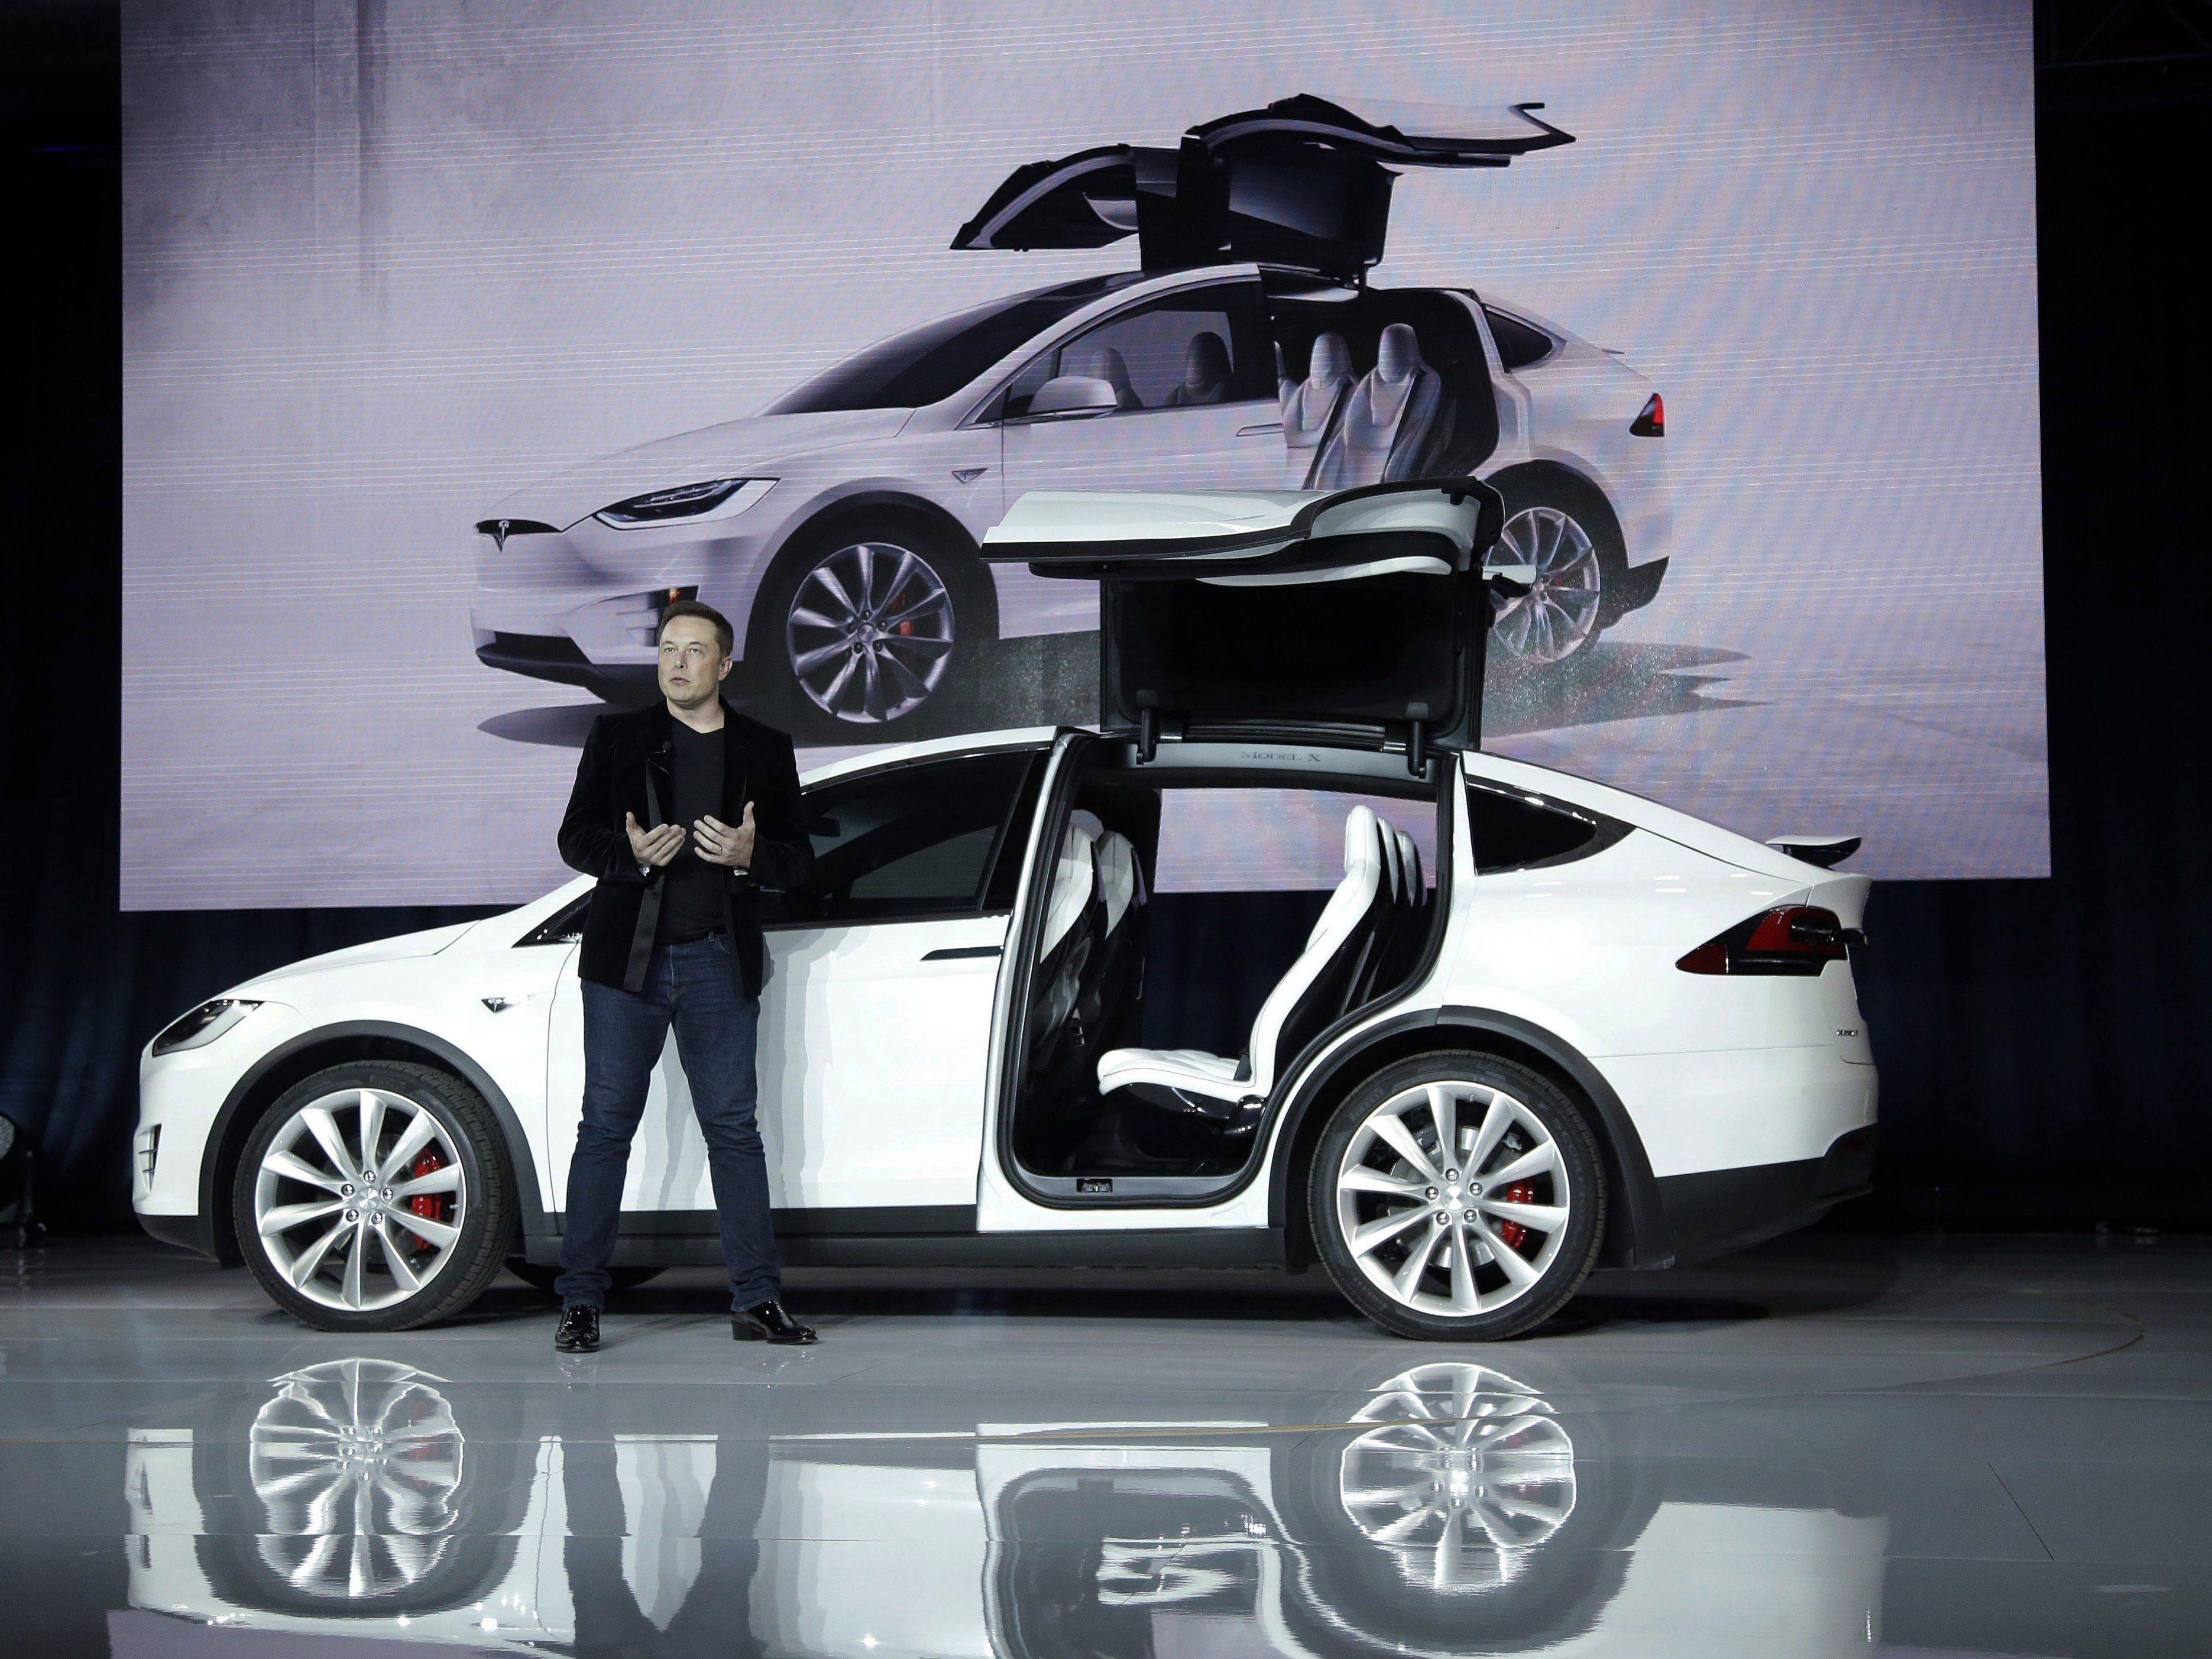 VW kämpft mit dem Abgas-Skandal, inzwischen schickt Tesla den ersten Elektro-SUV auf die Straße.